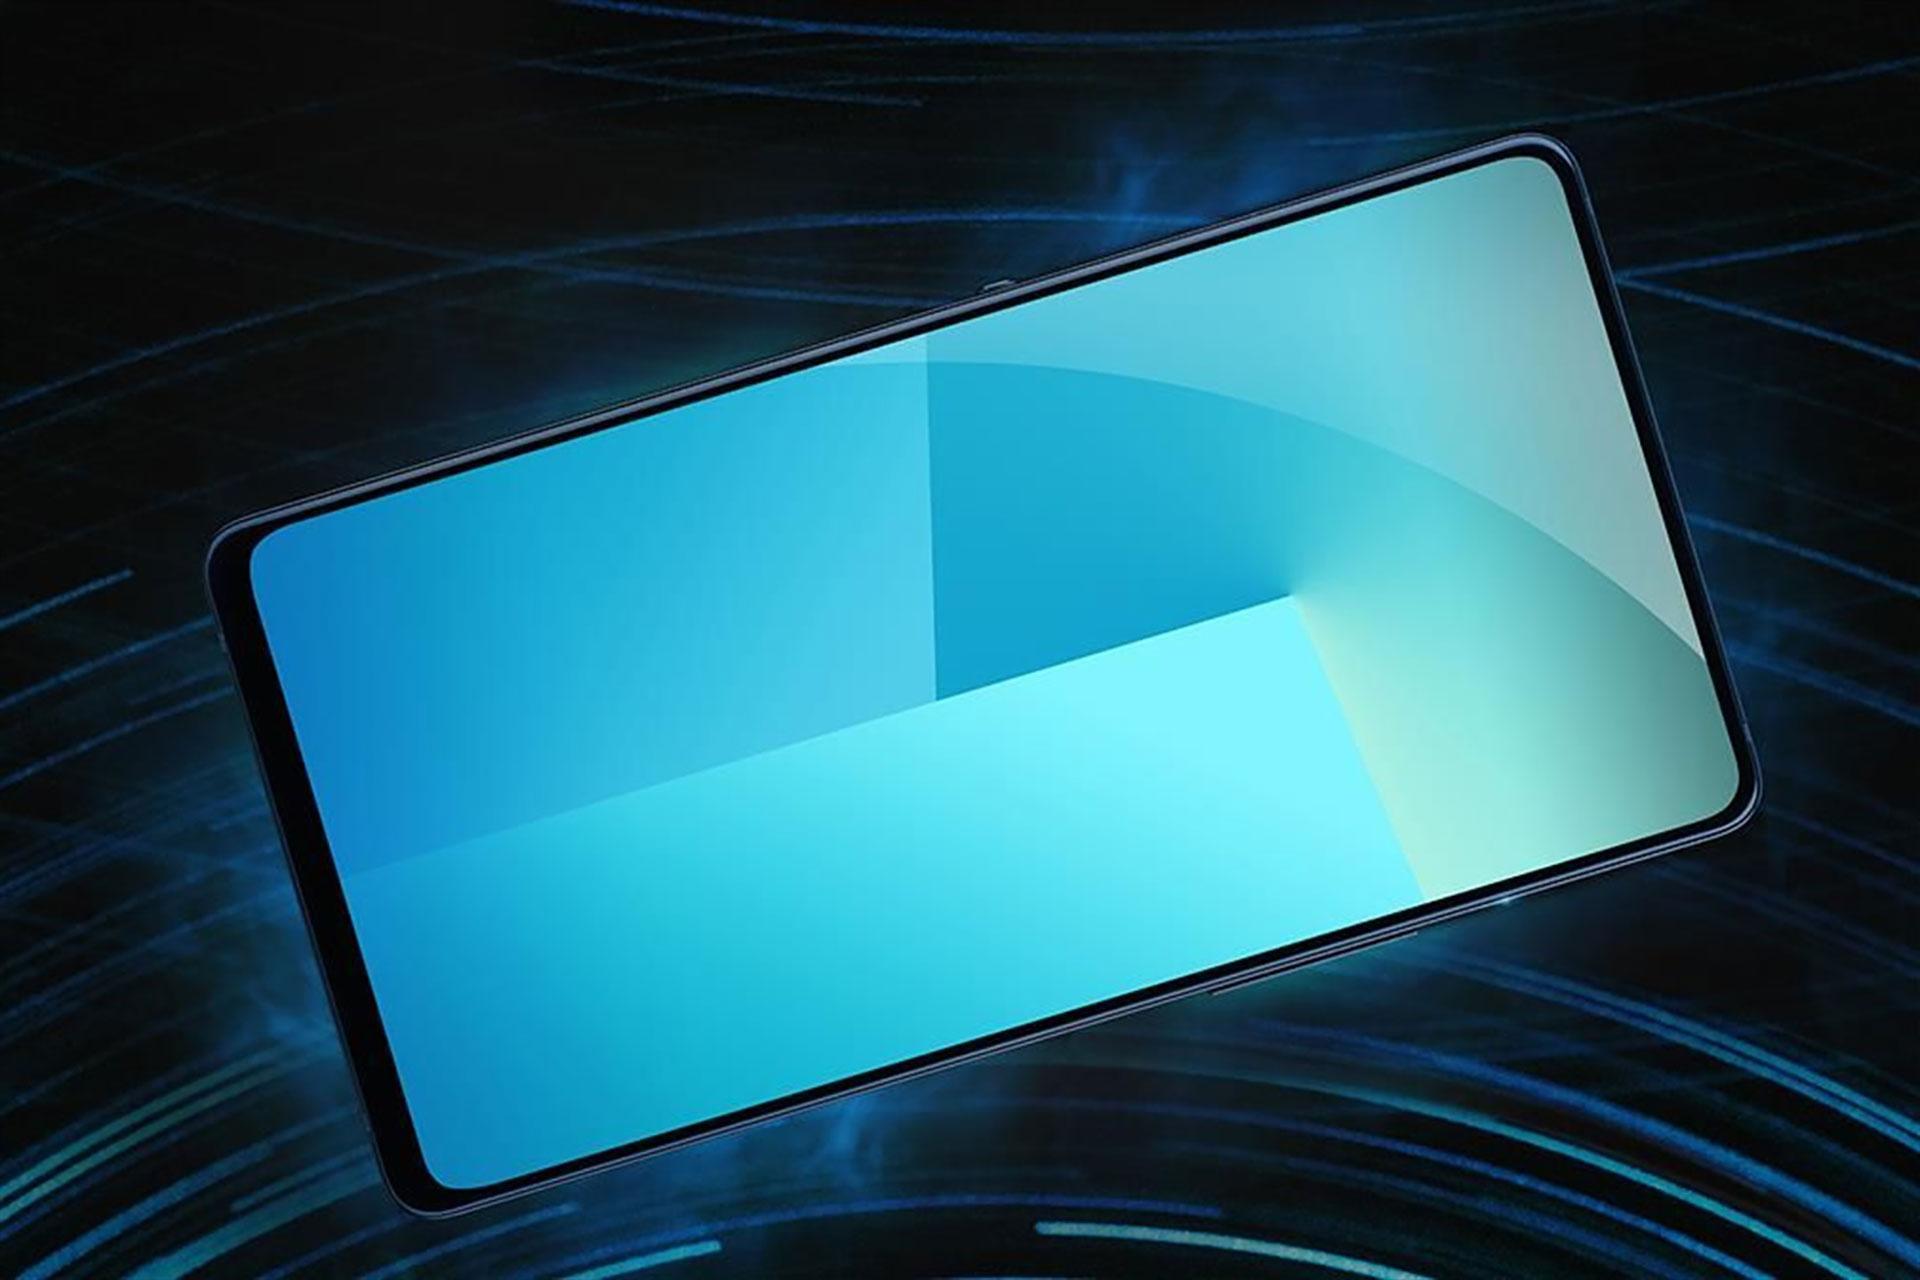 Vivo Apex es un prototipo con un display que cubre el 98% del frente del equipo, bastante más que el iPhone X (82%). La huella digital está integrada en la parte inferior de la pantalla y tiene una cámara frontal retráctil